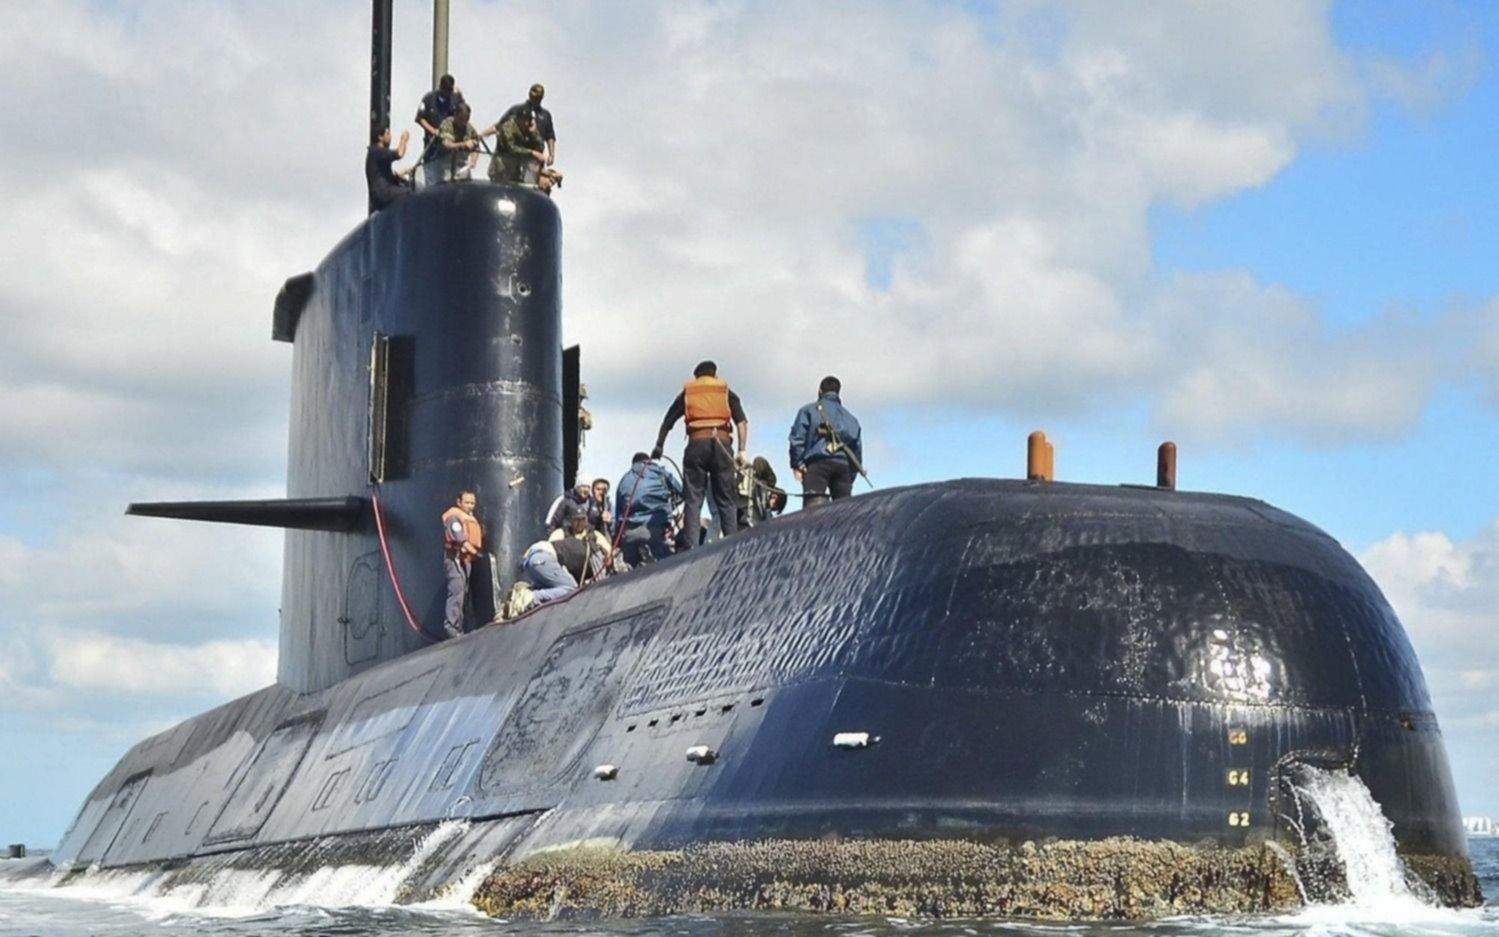 Impulsan la construcción de un monumento para los tripulantes del Ara San Juan